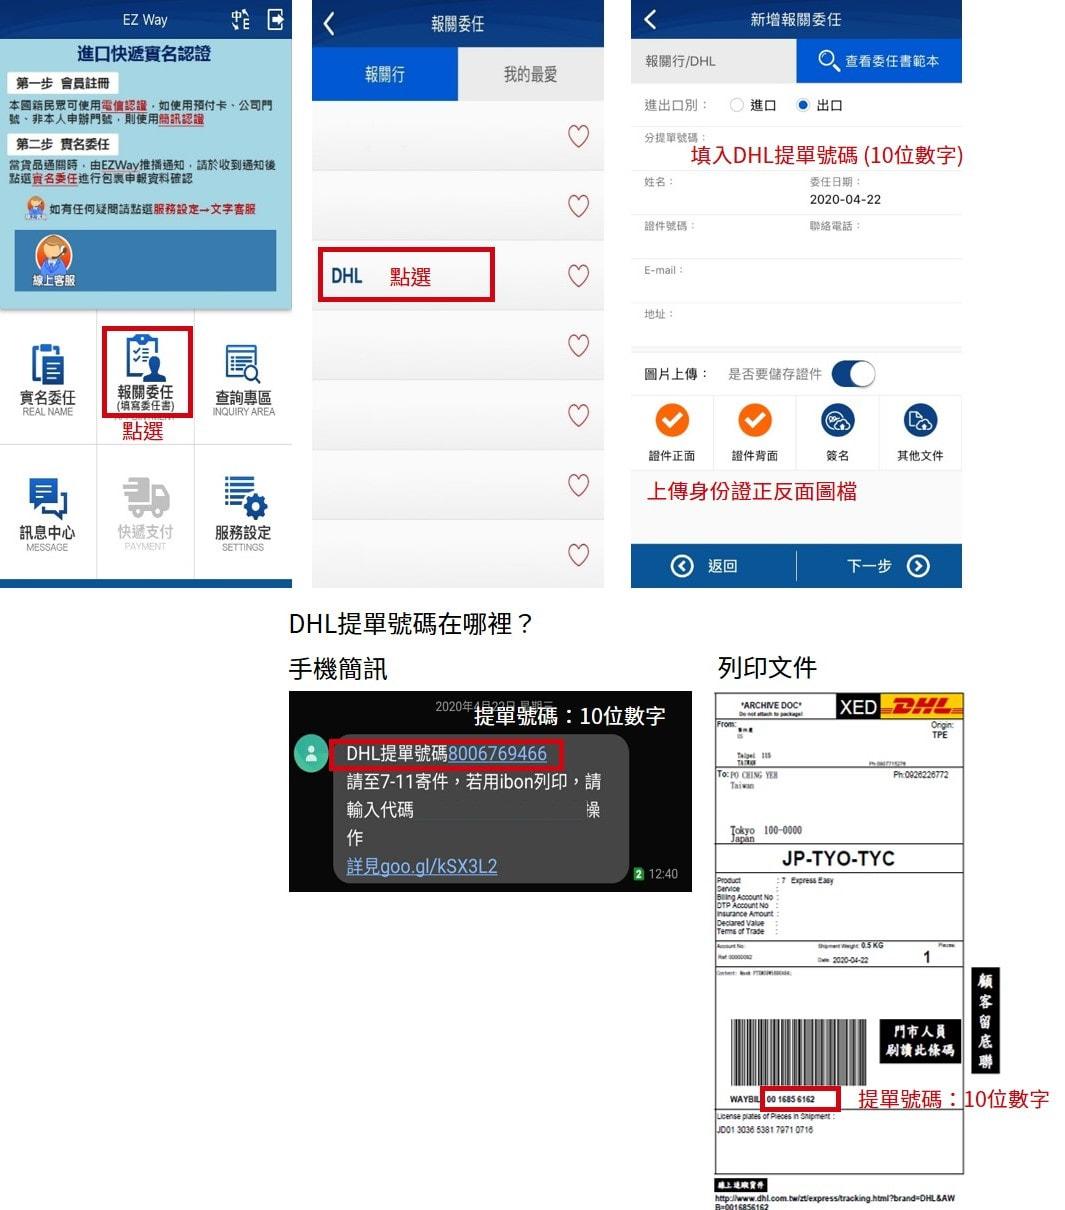 寄件流程-7-11口罩便利袋 | DHL Express 臺灣 - DHL Express Taiwan